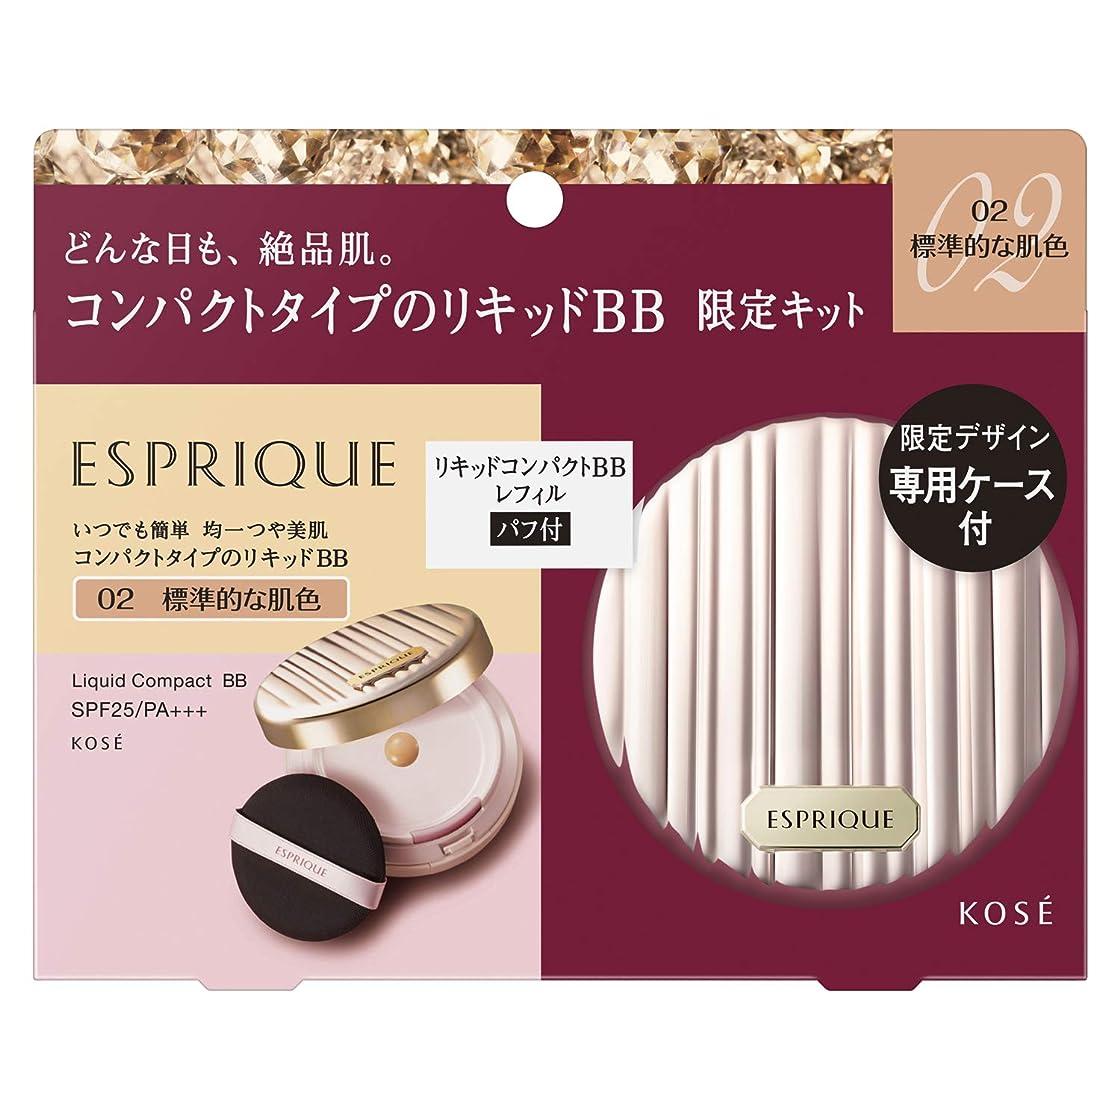 ひねりチューインガム通貨ESPRIQUE(エスプリーク) エスプリーク リキッド コンパクト BB 限定キット 2 BBクリーム 02 標準的な肌色 セット 13g+ケース付き